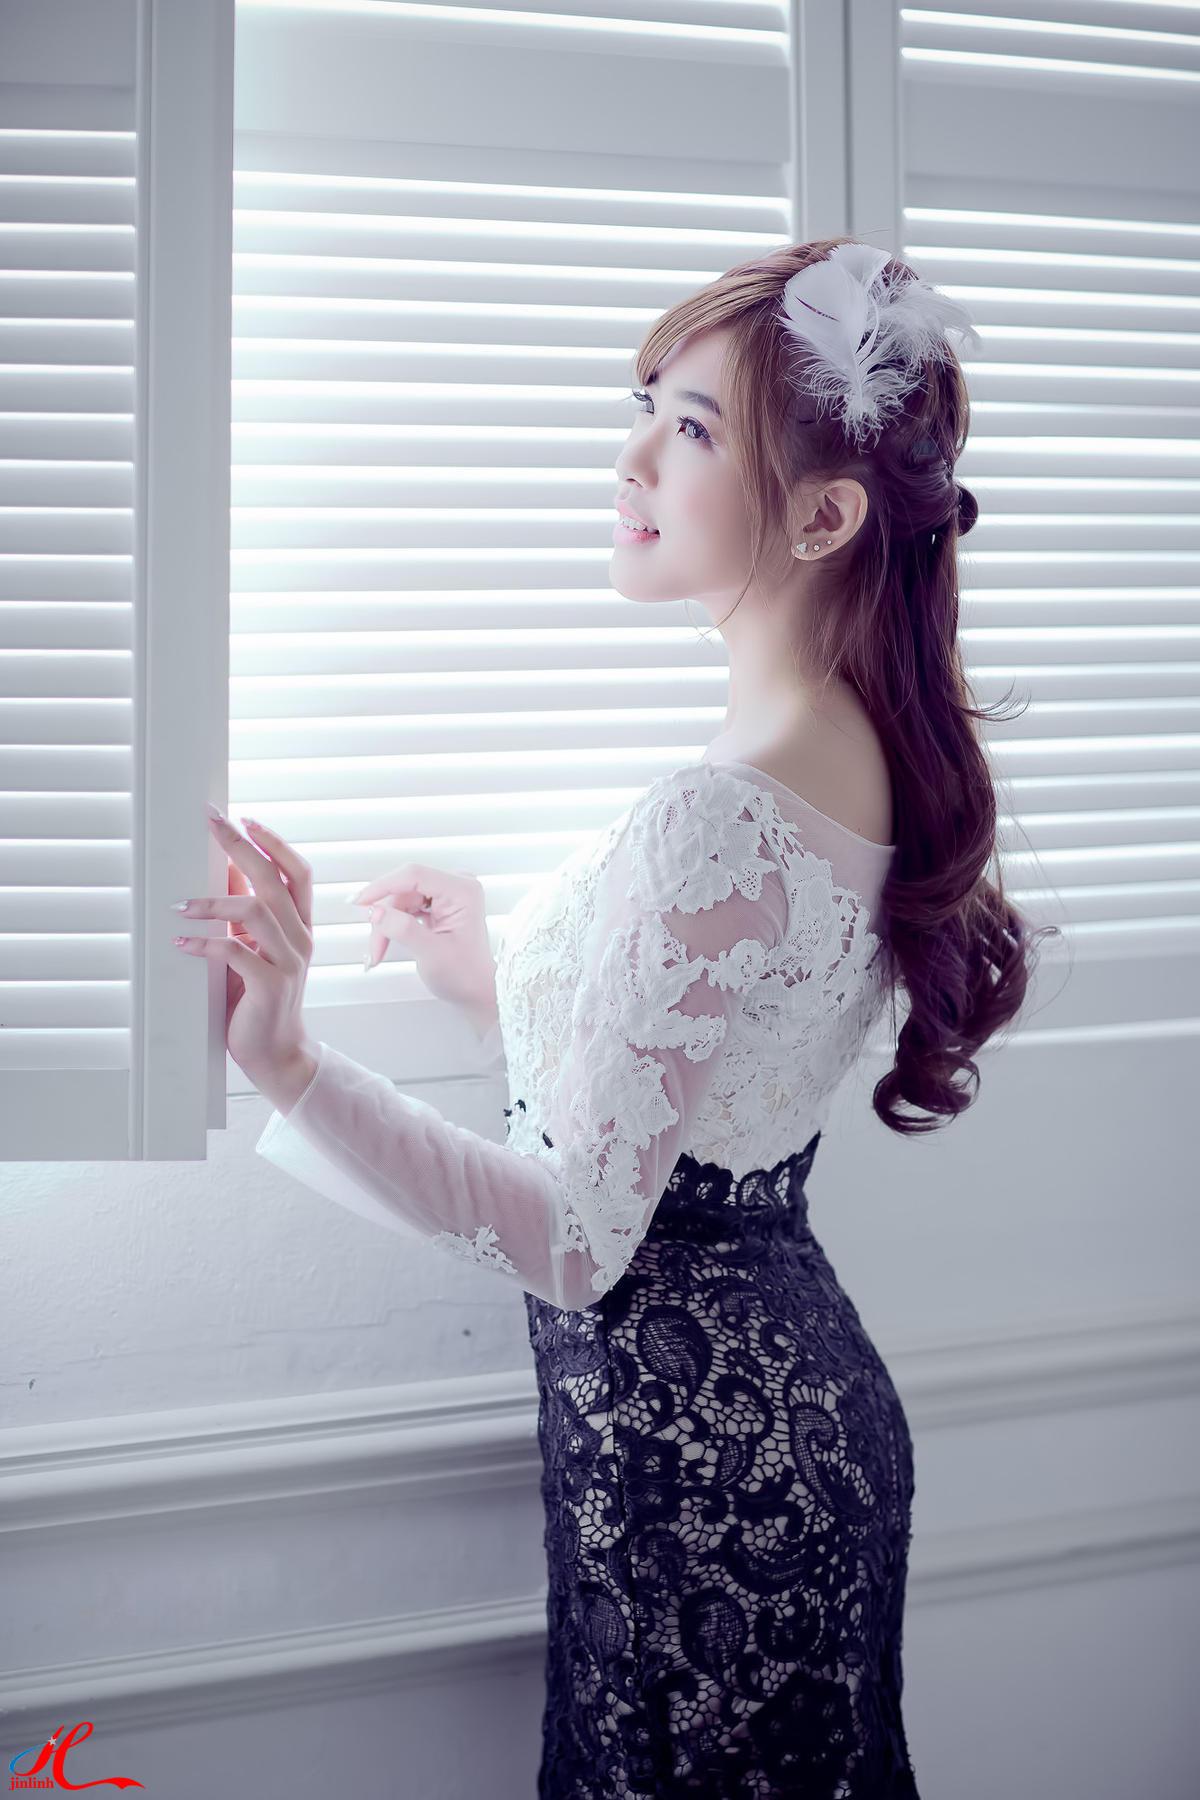 看过的风景,要懂得珍藏【情感美文】 - 花仙子 - 花仙子的博客.